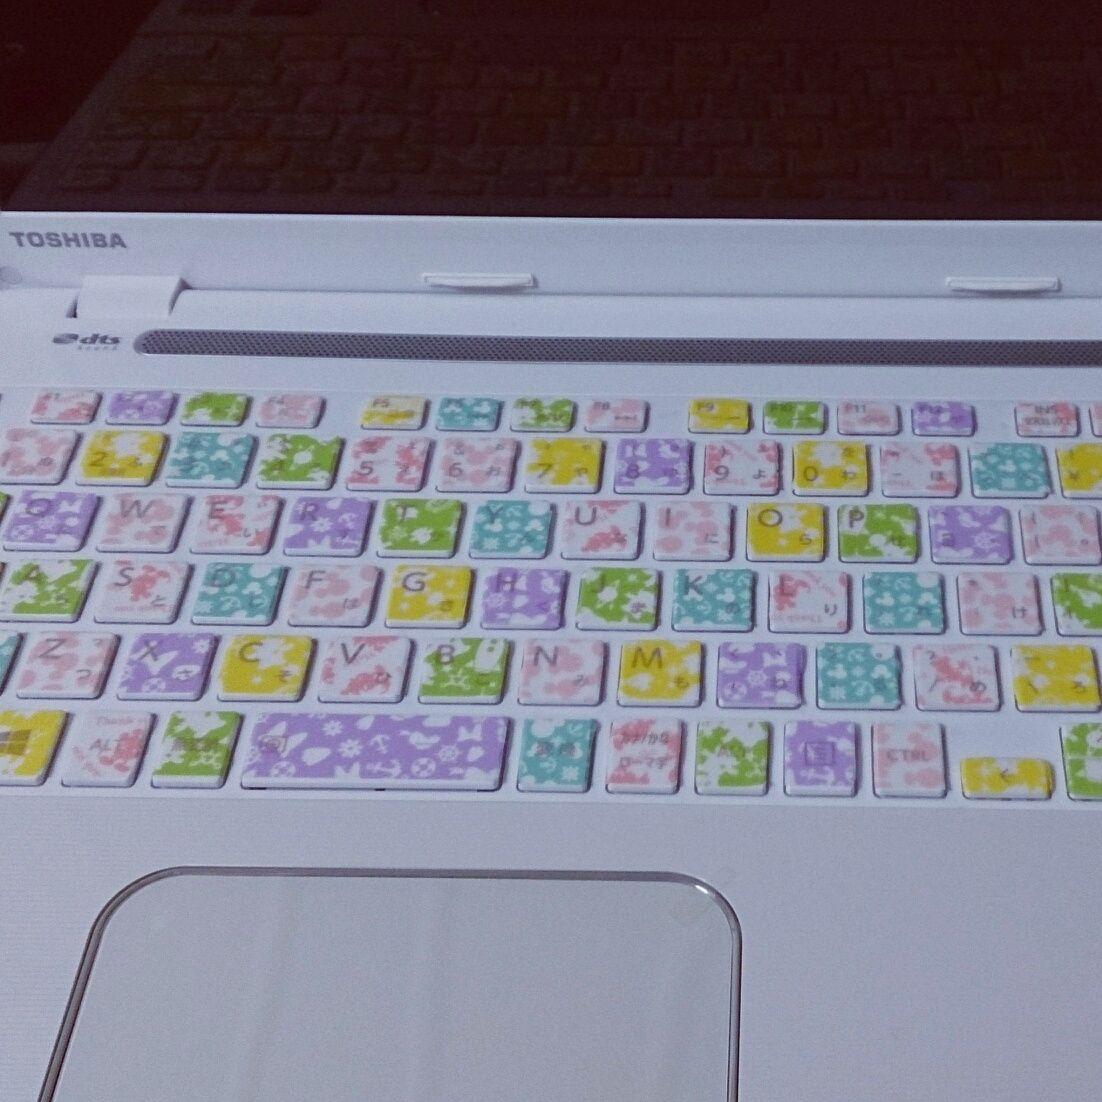 ボード Keybords Ok のピン